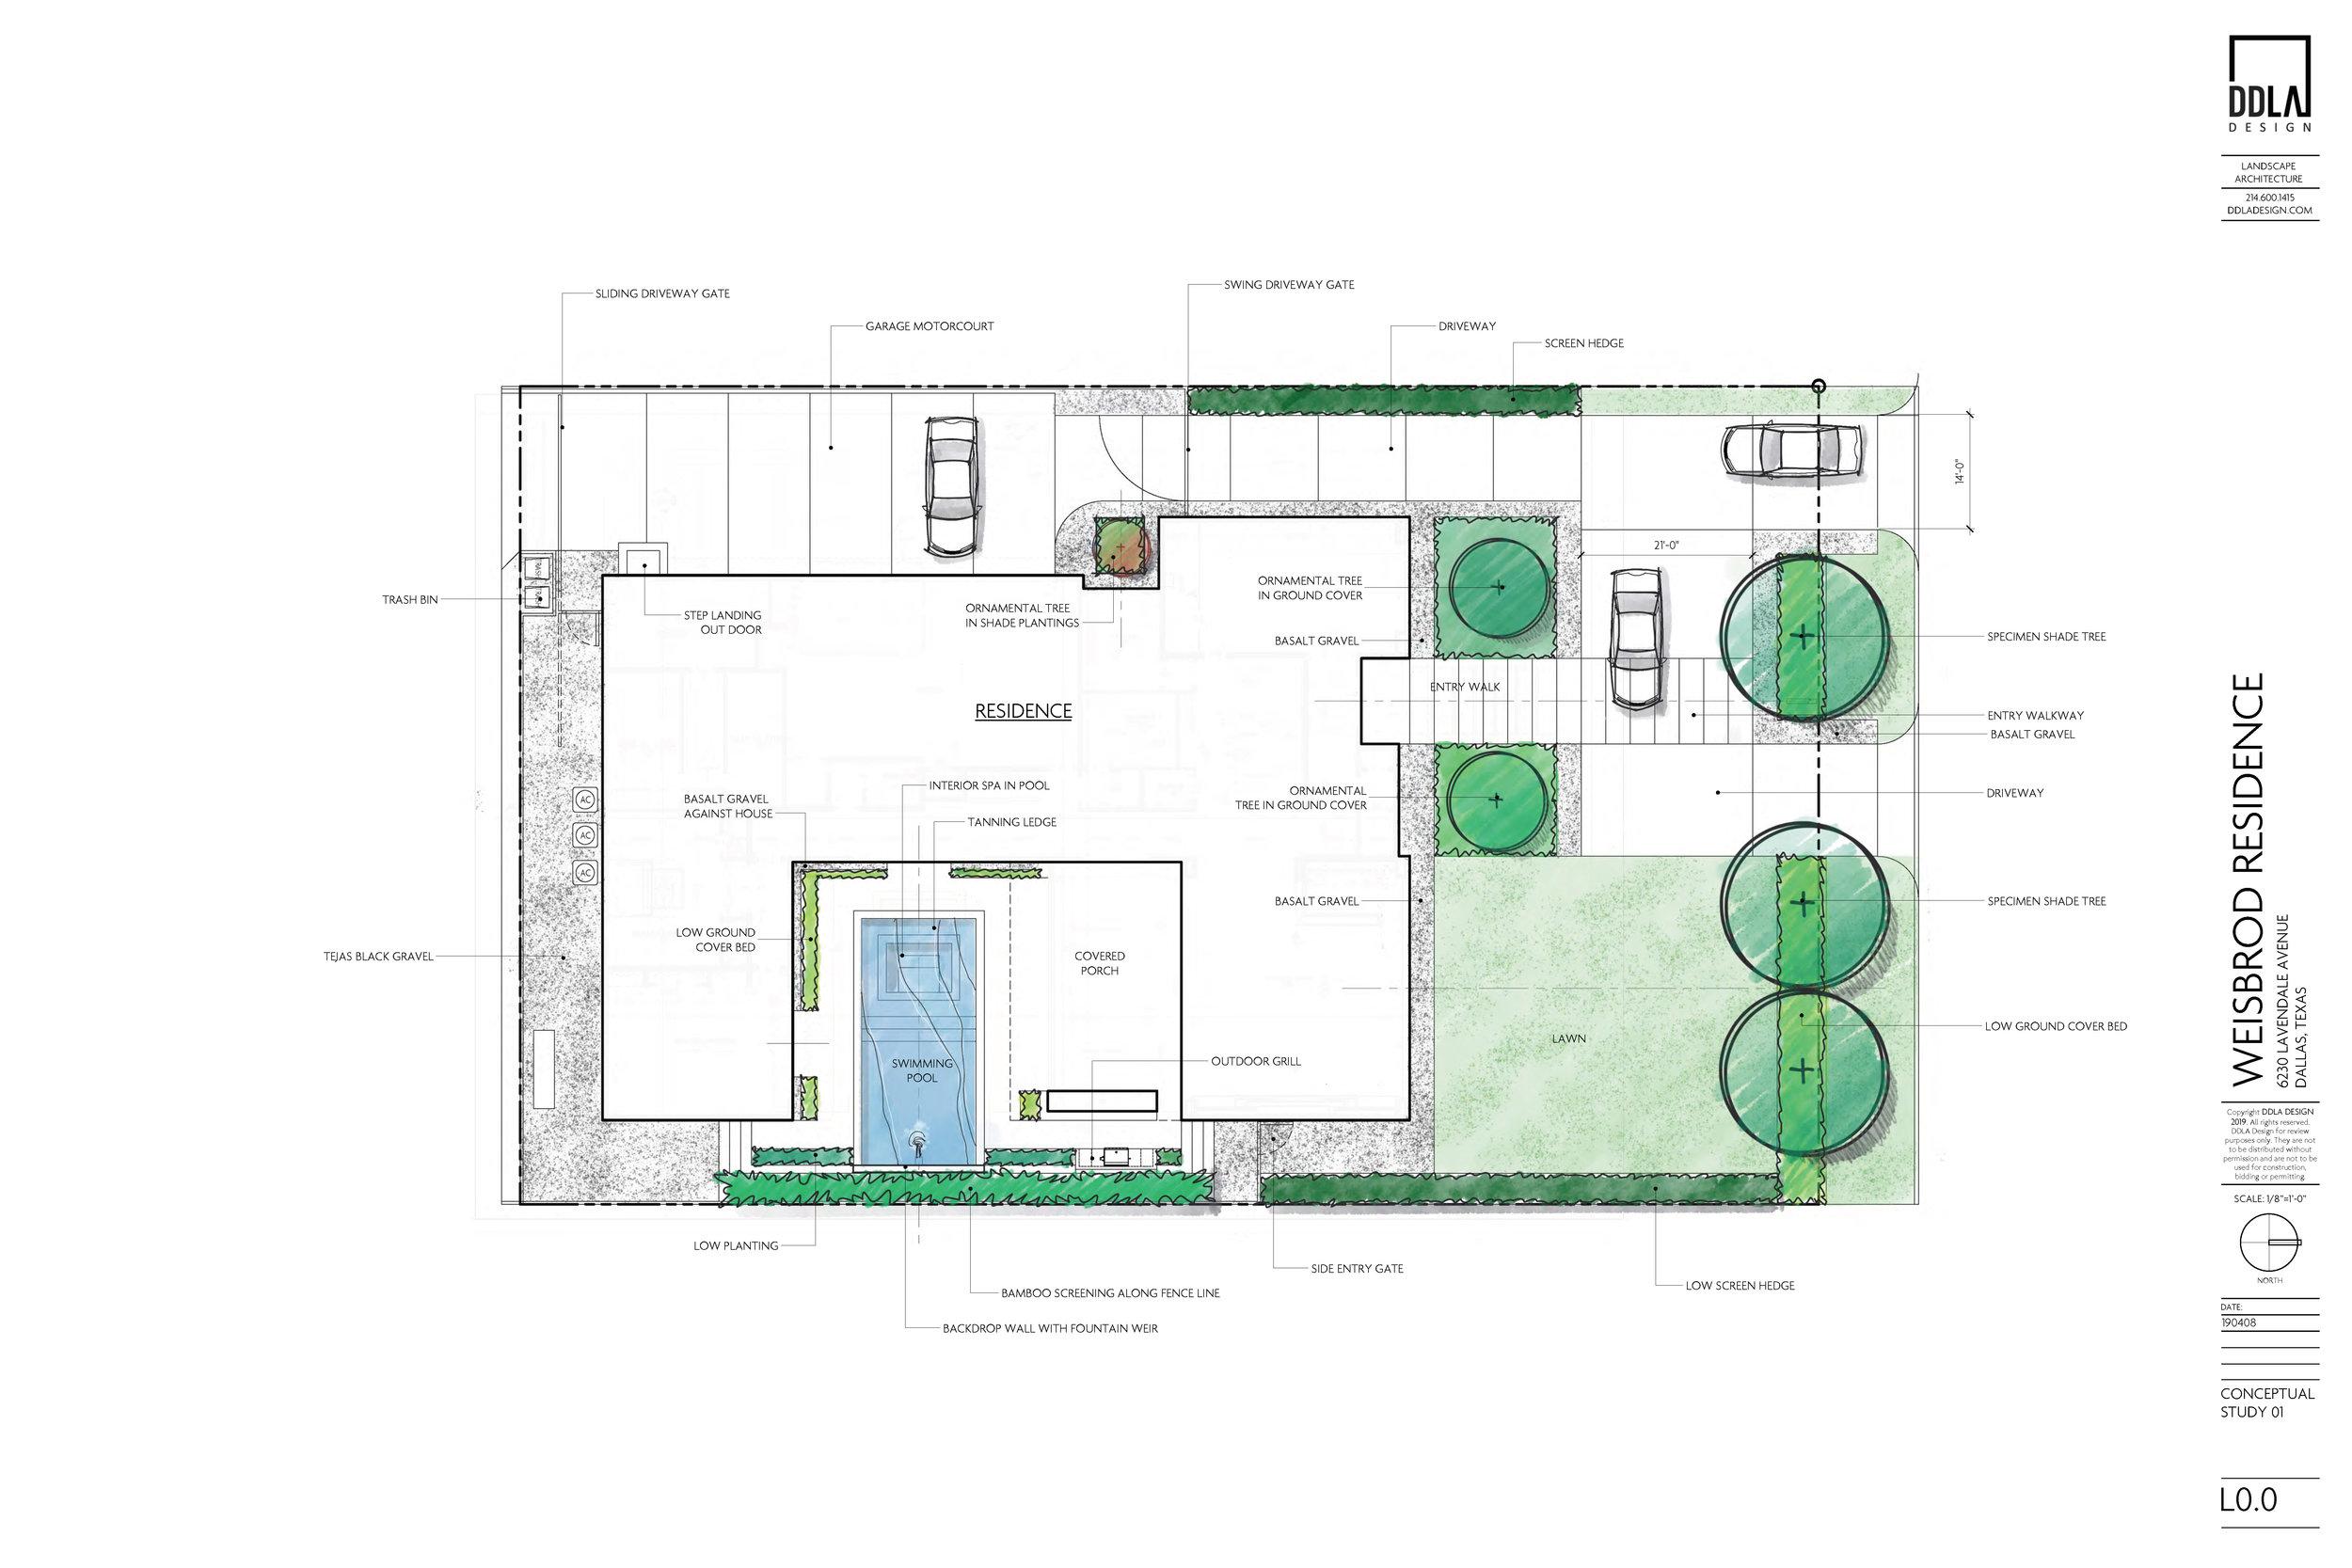 lavendale_conceptual plans_1.jpg